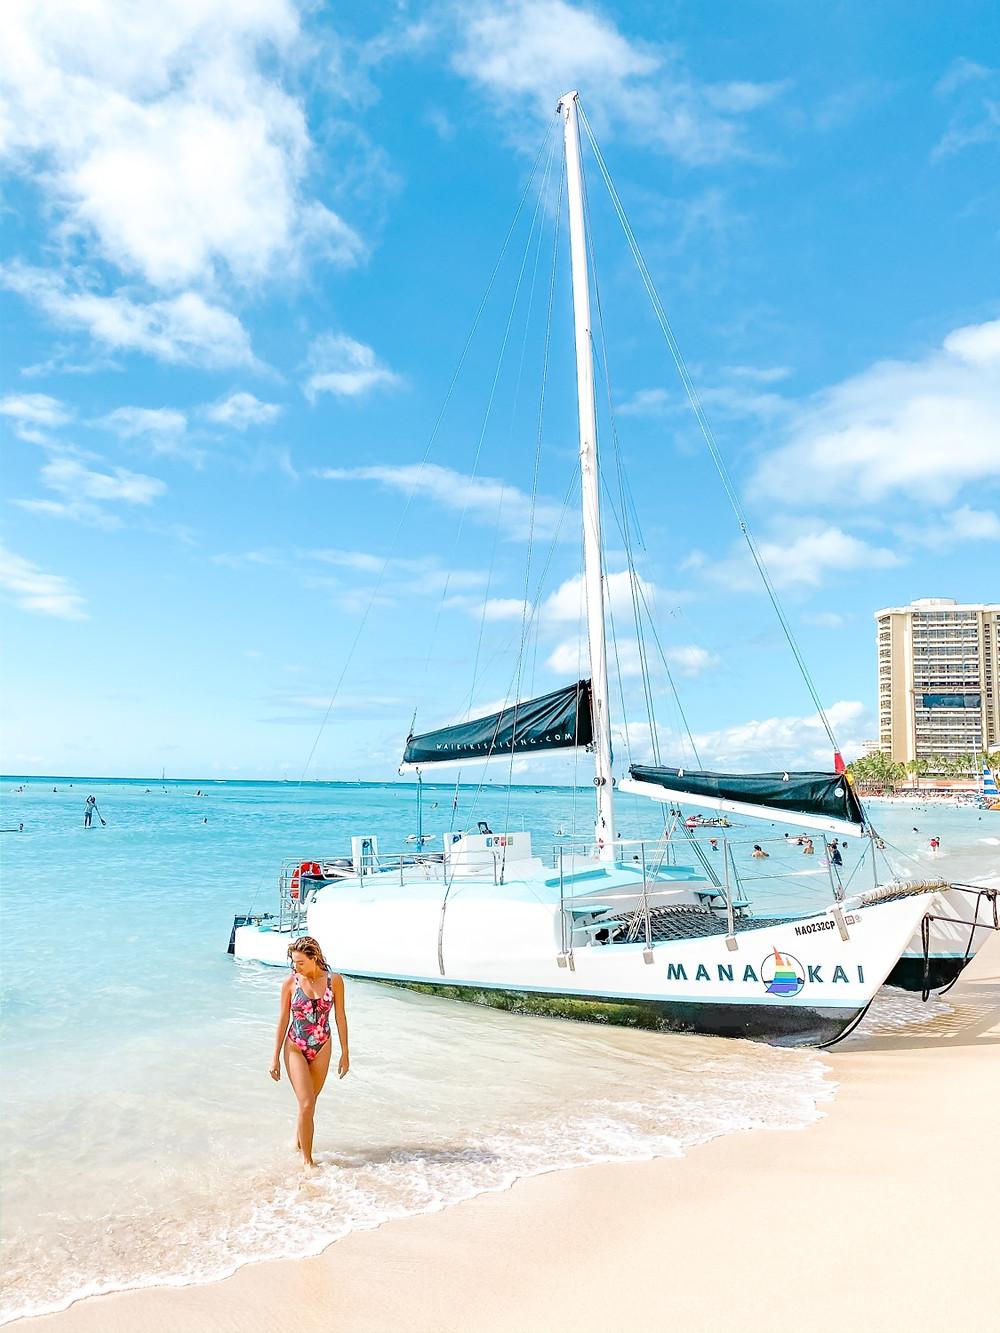 Waikiki beach with boat